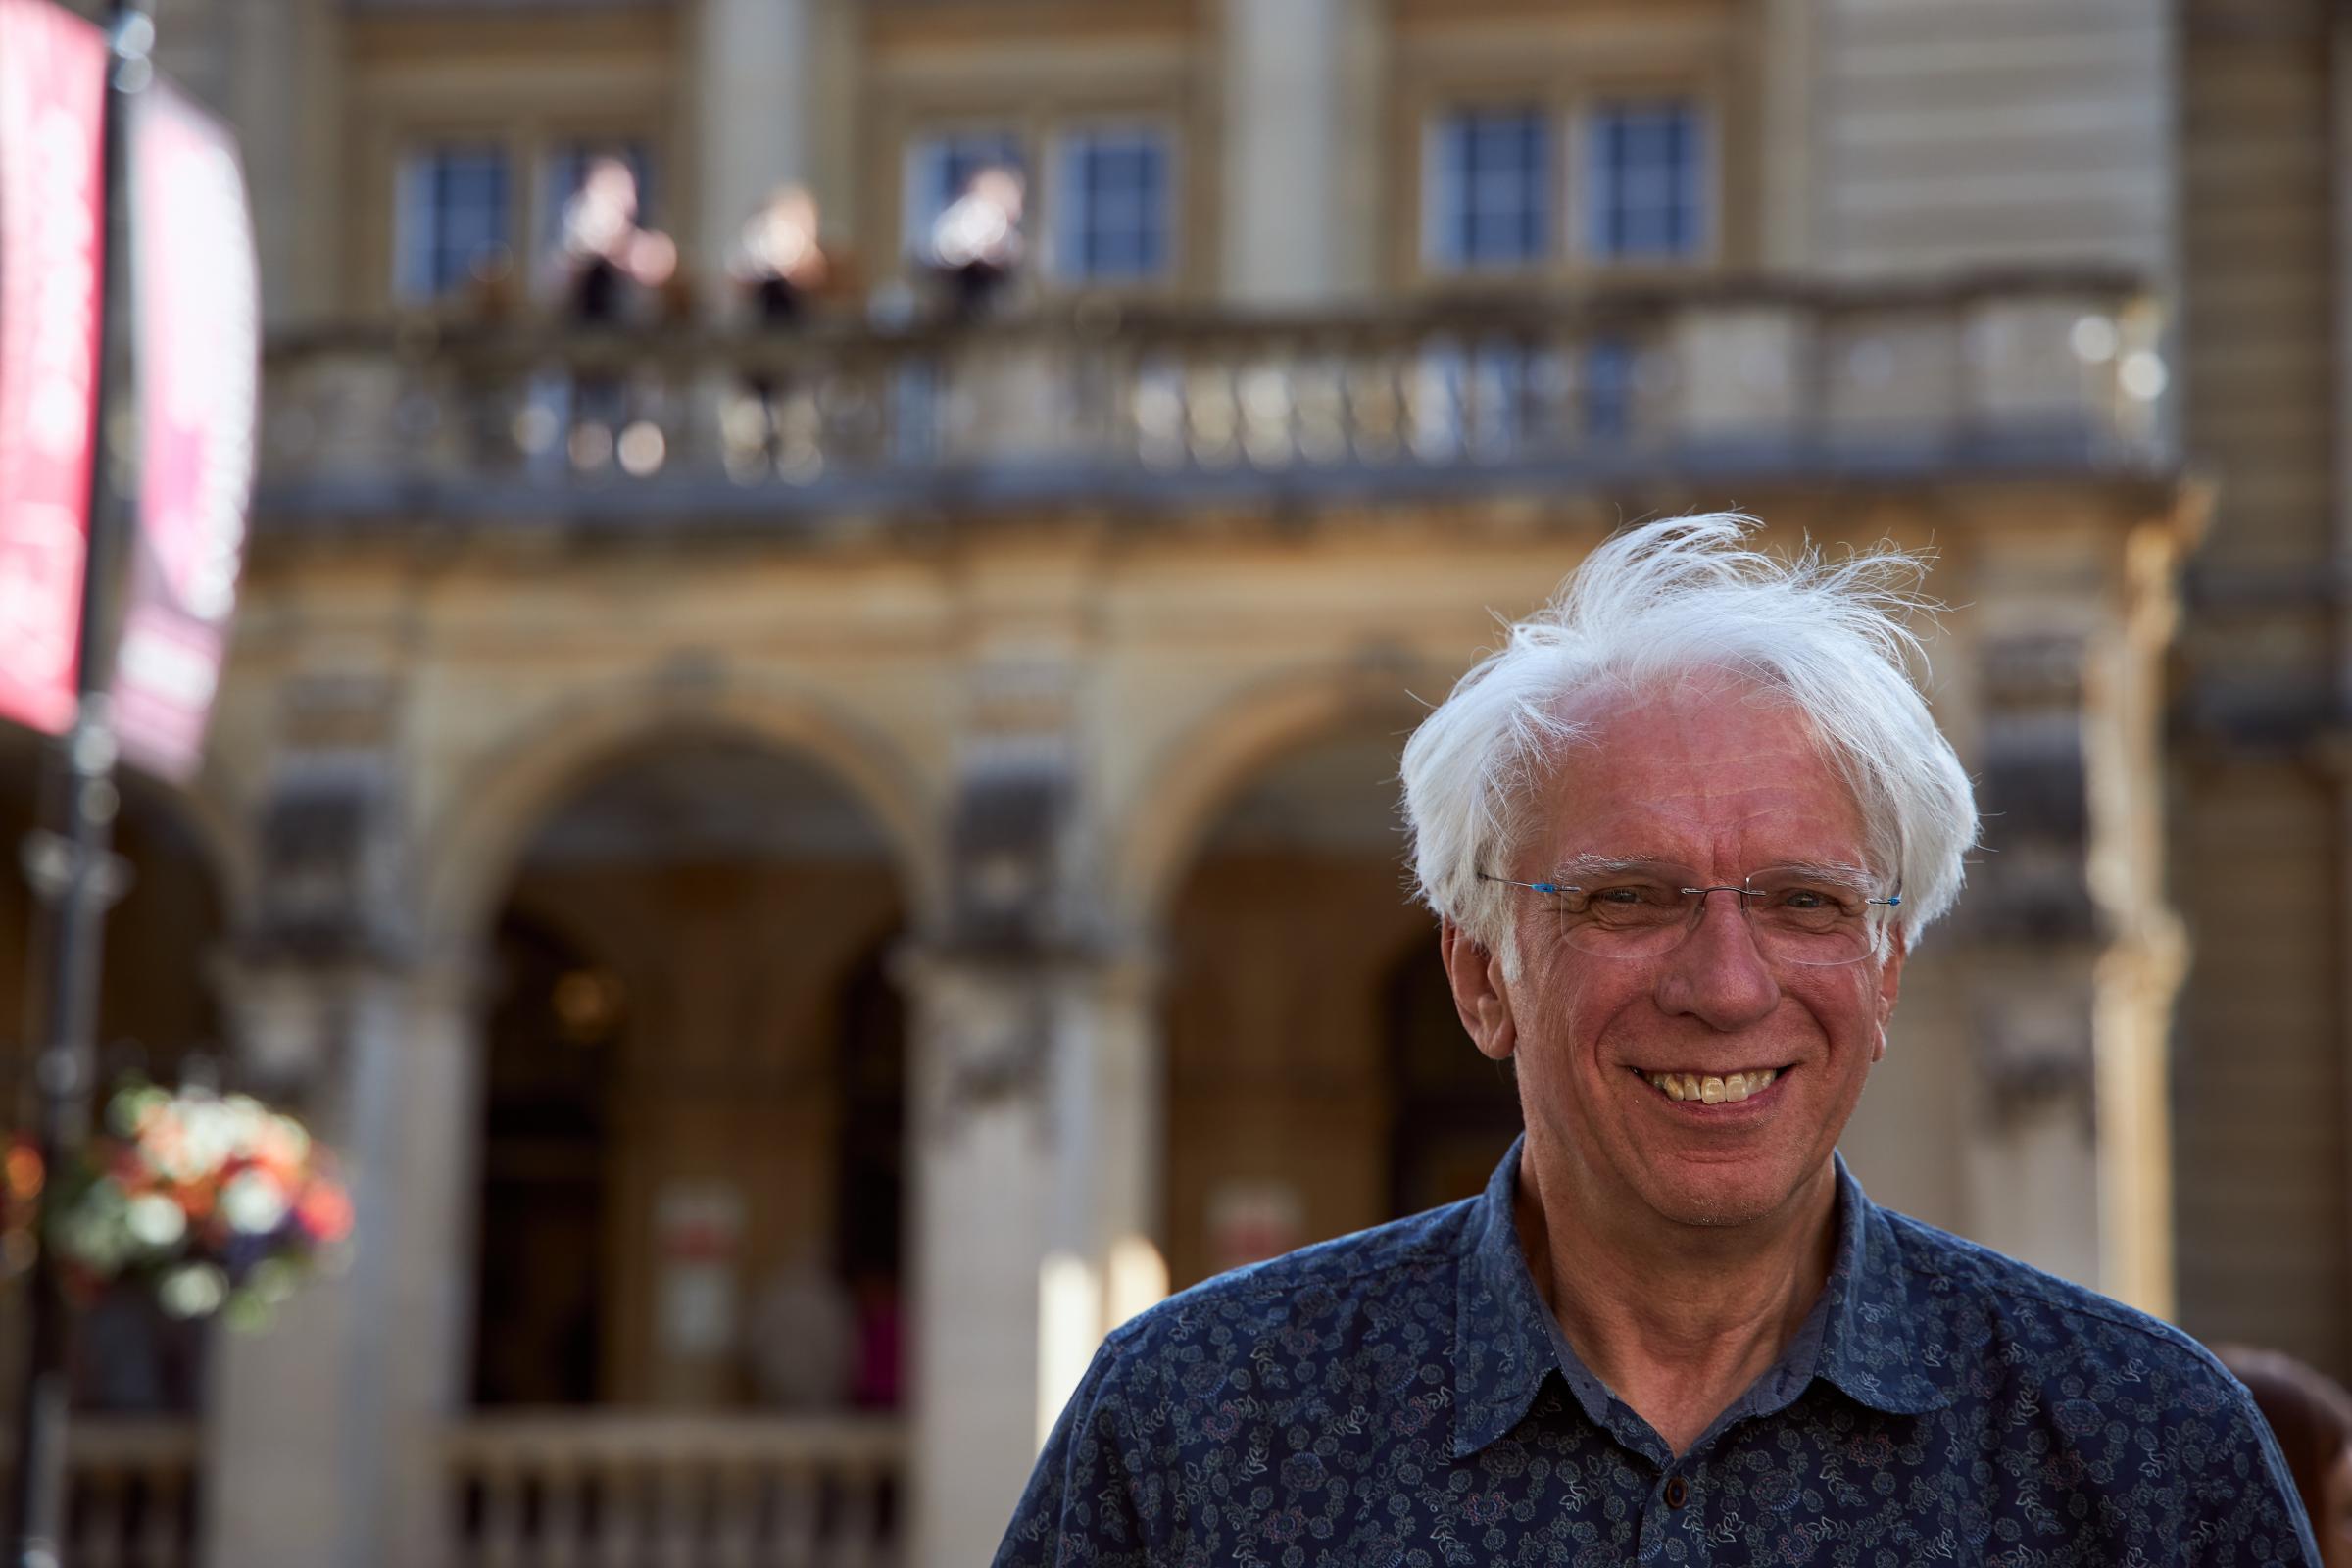 Penarth composer Ian Lawson's fanfare heralds music festival